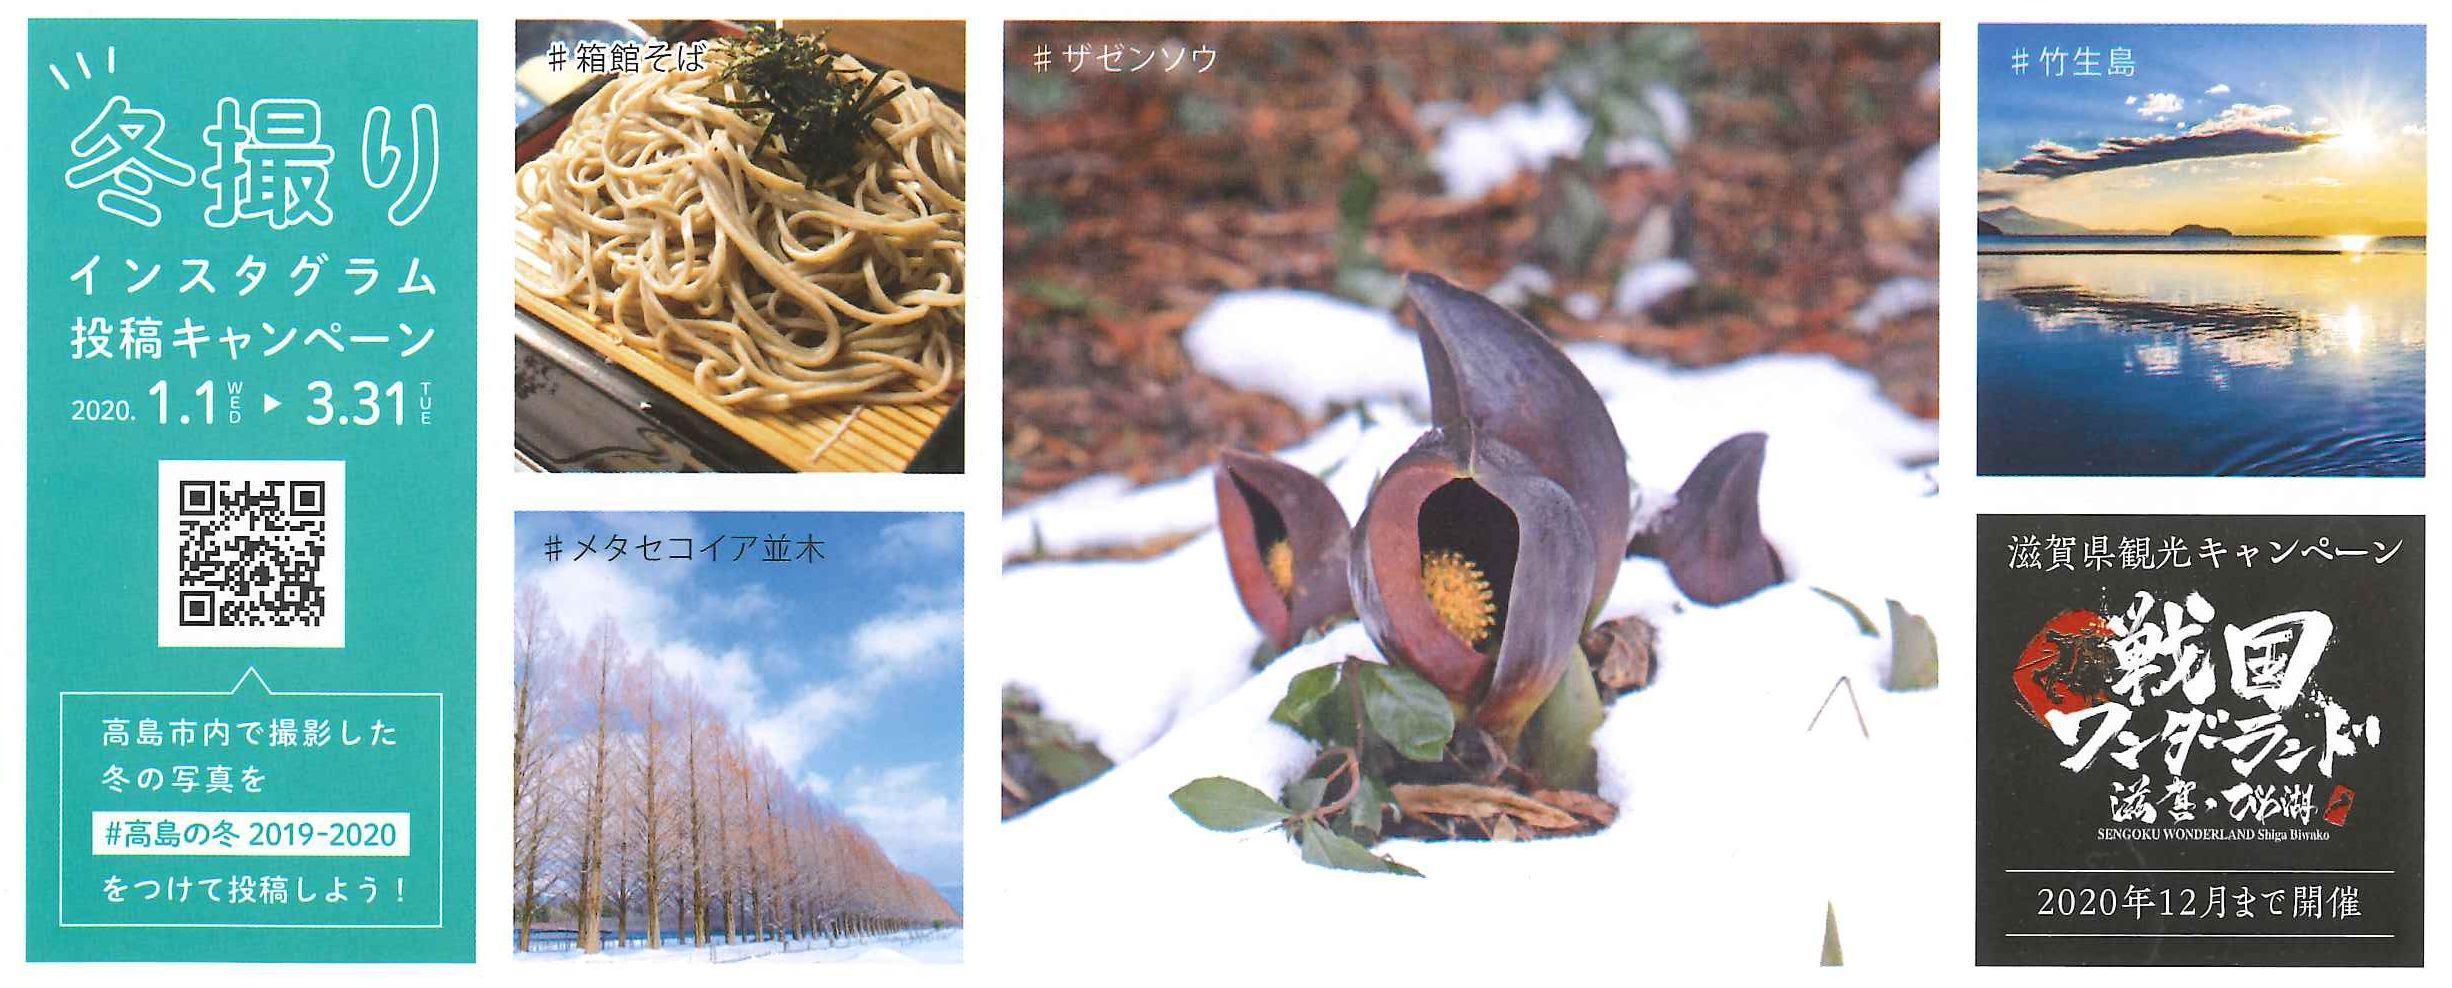 冬撮りインスタグラム「#高島の冬2019-2020」投稿キャンペーン